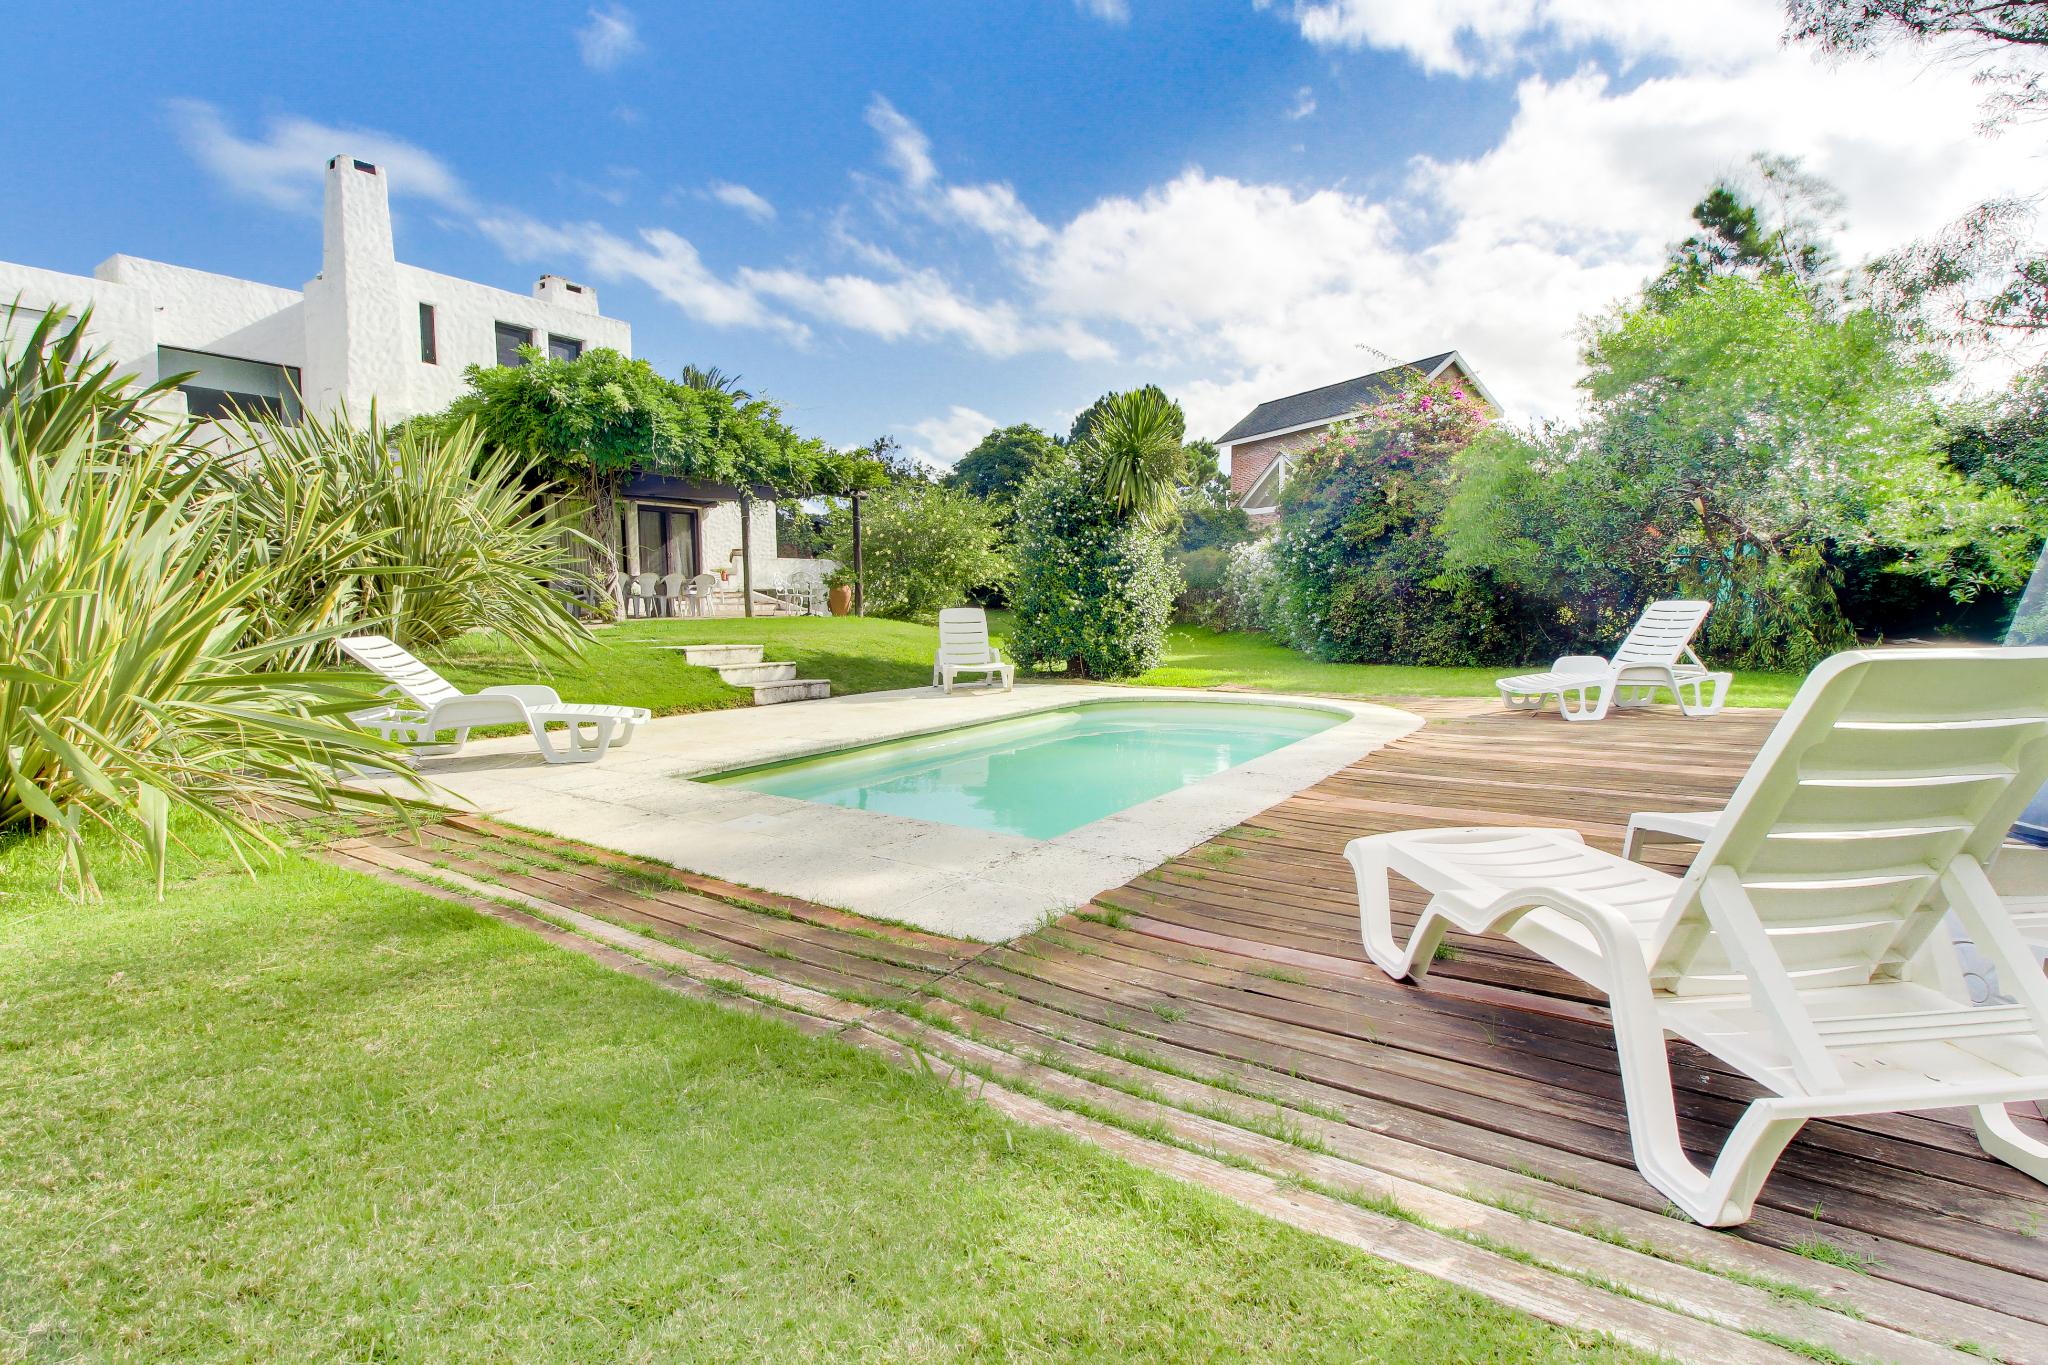 Casa grande dog friendly piscina privada f tima casa en for Alquiler de casa con piscina en sevilla fin de semana